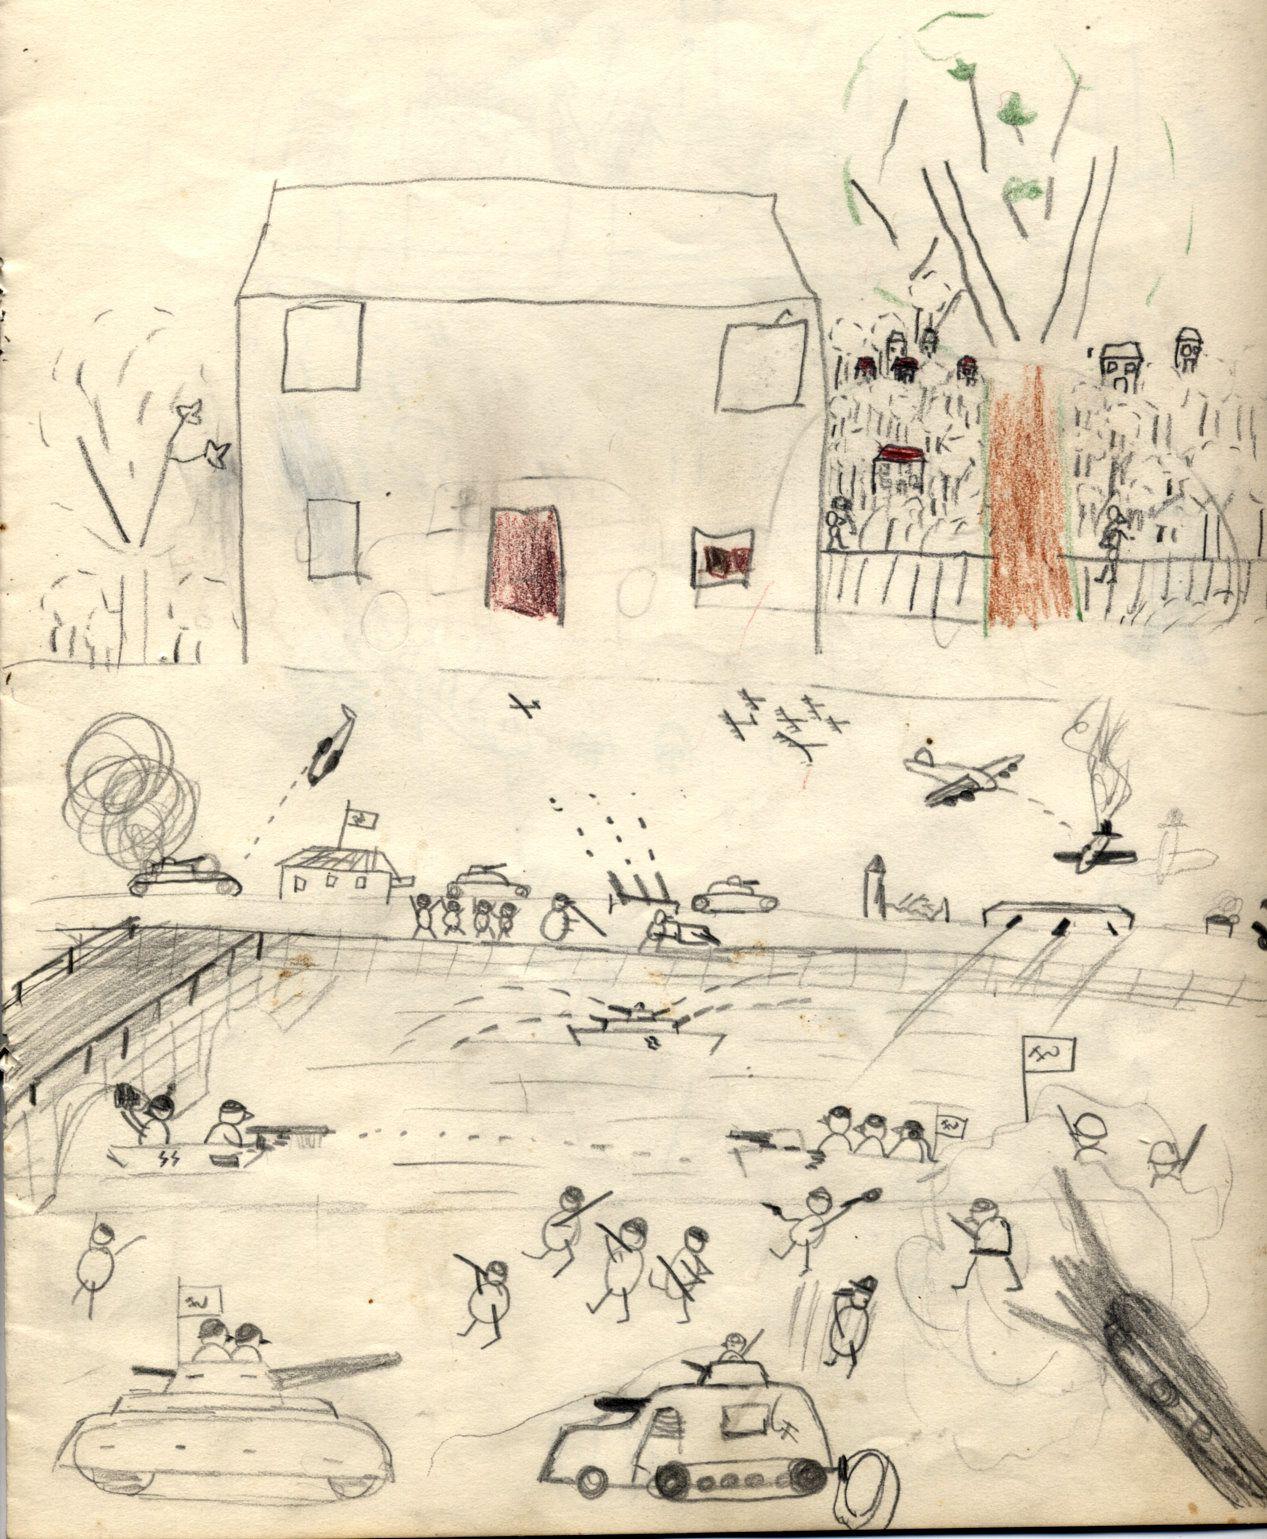 Ma Biographie 12 - Mes dessins de 1944-45